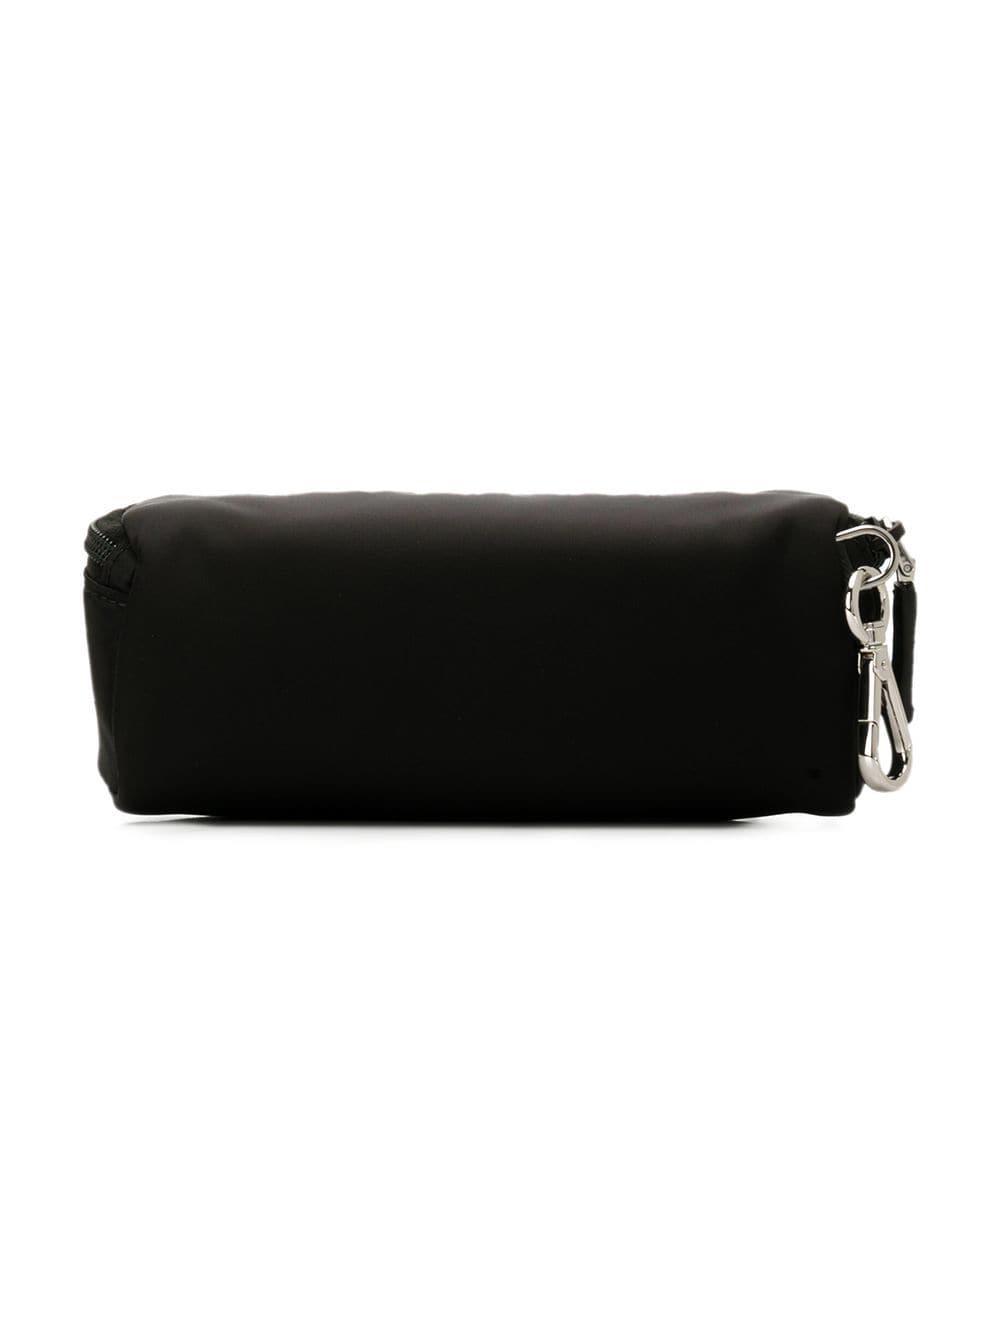 0b66d506840d Lyst - Prada Zipped Wash Bag in Black for Men